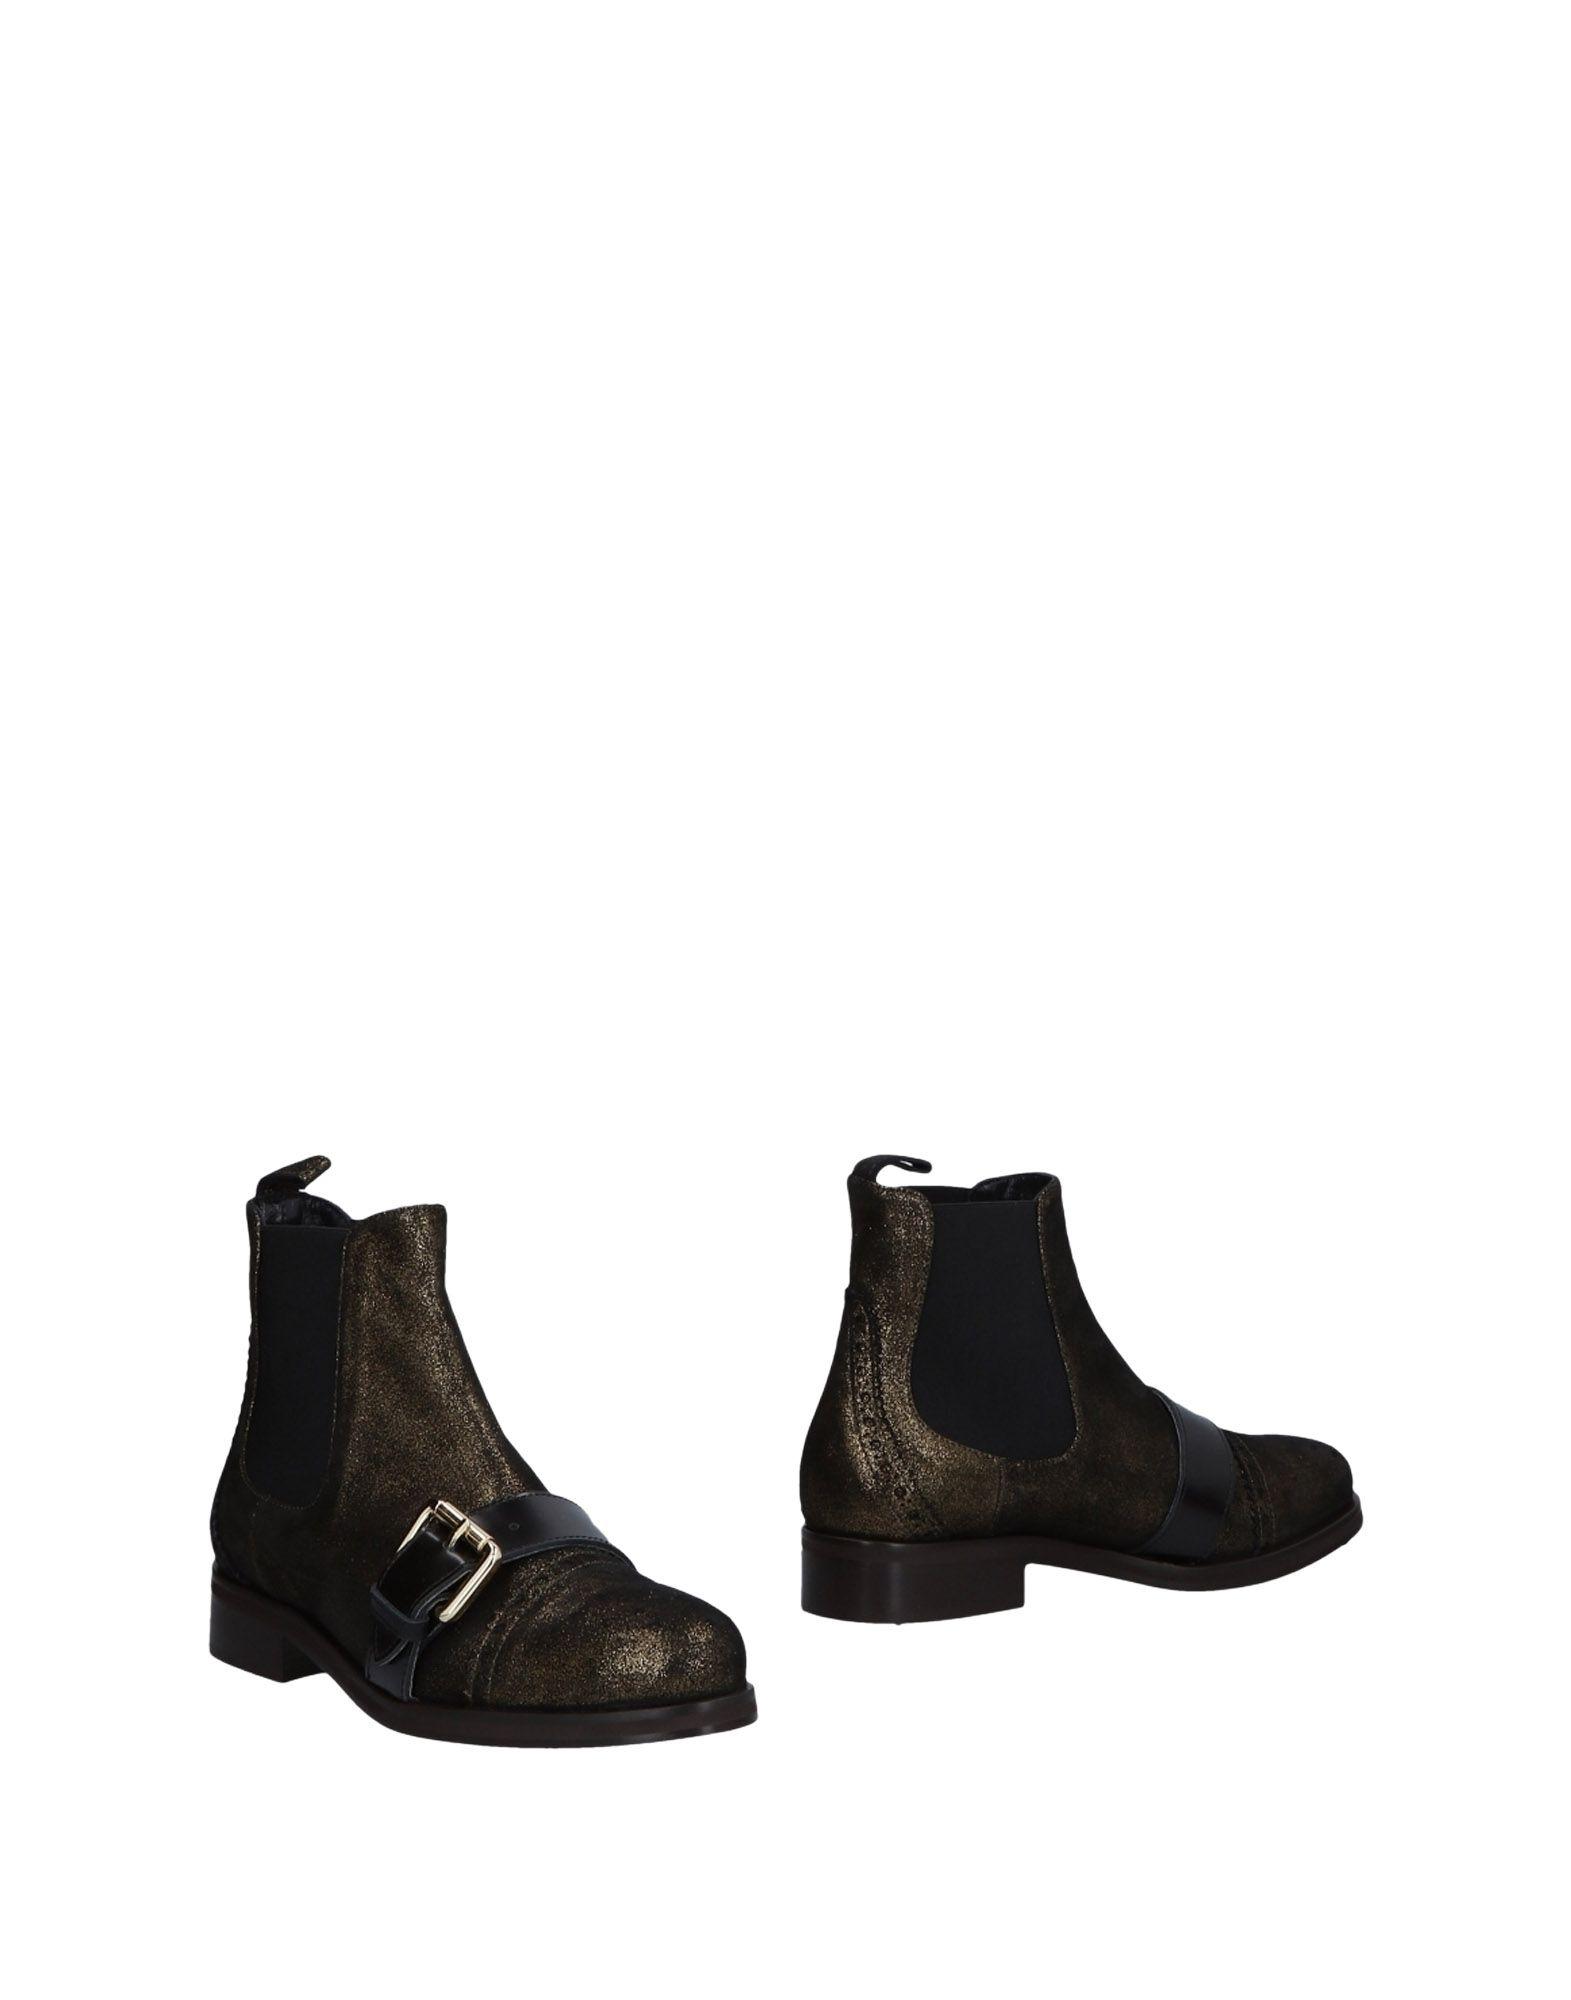 GIANCARLO PAOLI Полусапоги и высокие ботинки sgn giancarlo paoli полусапоги и высокие ботинки